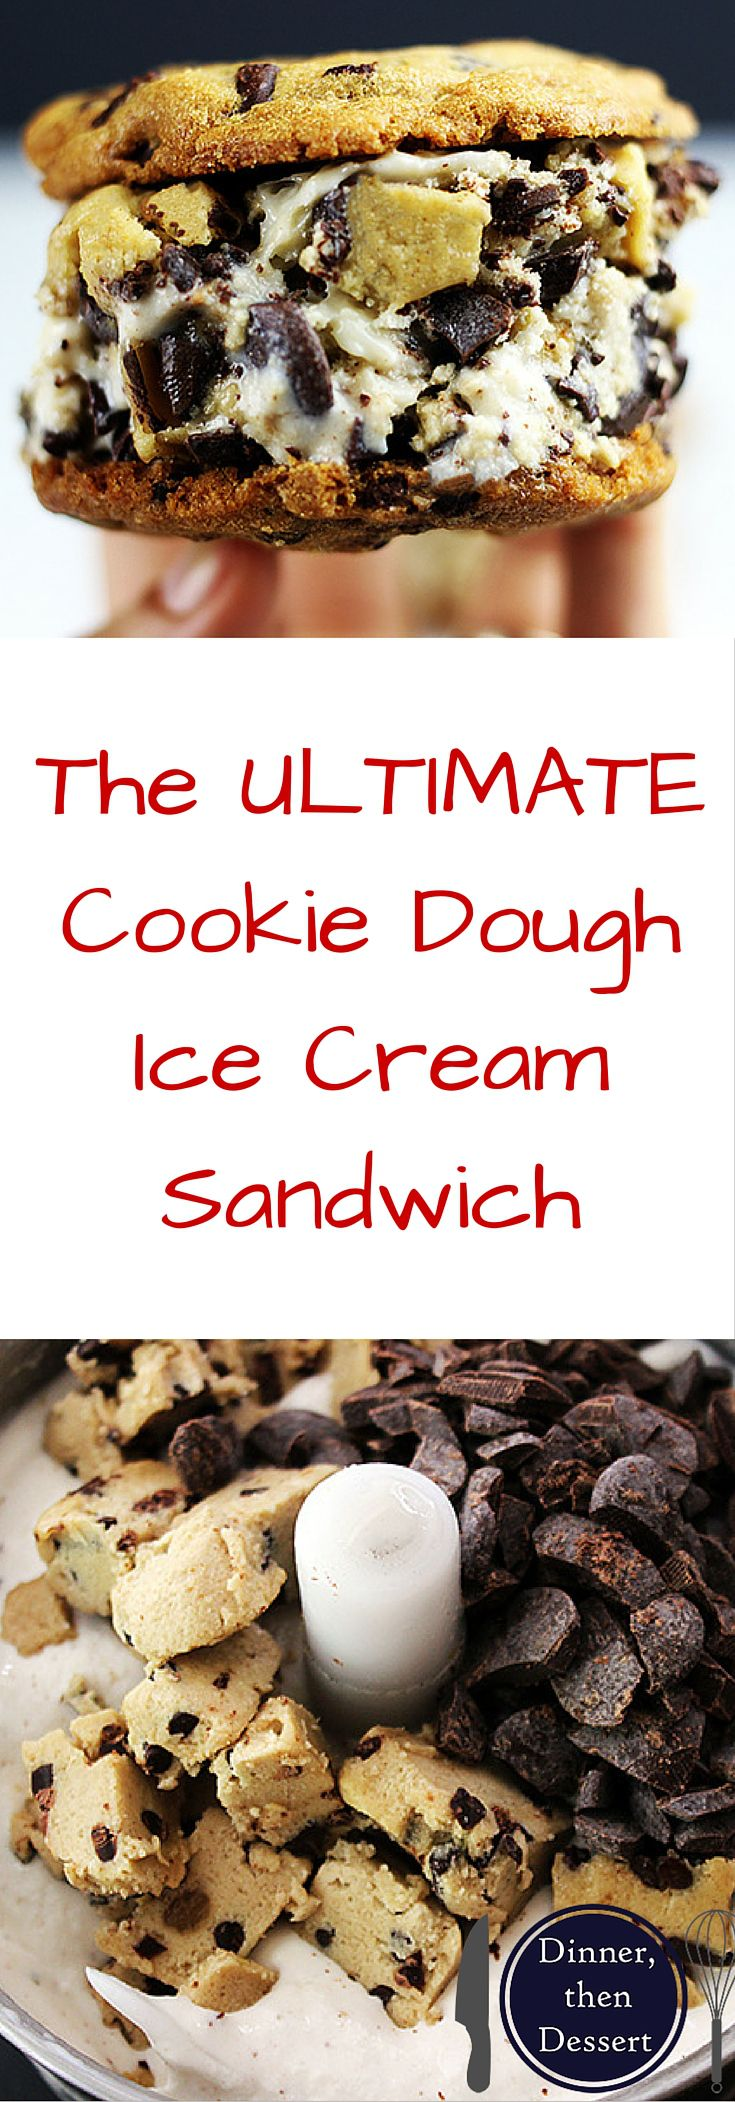 얼티메이트 쿠키도우 아이스크림 샌드위치